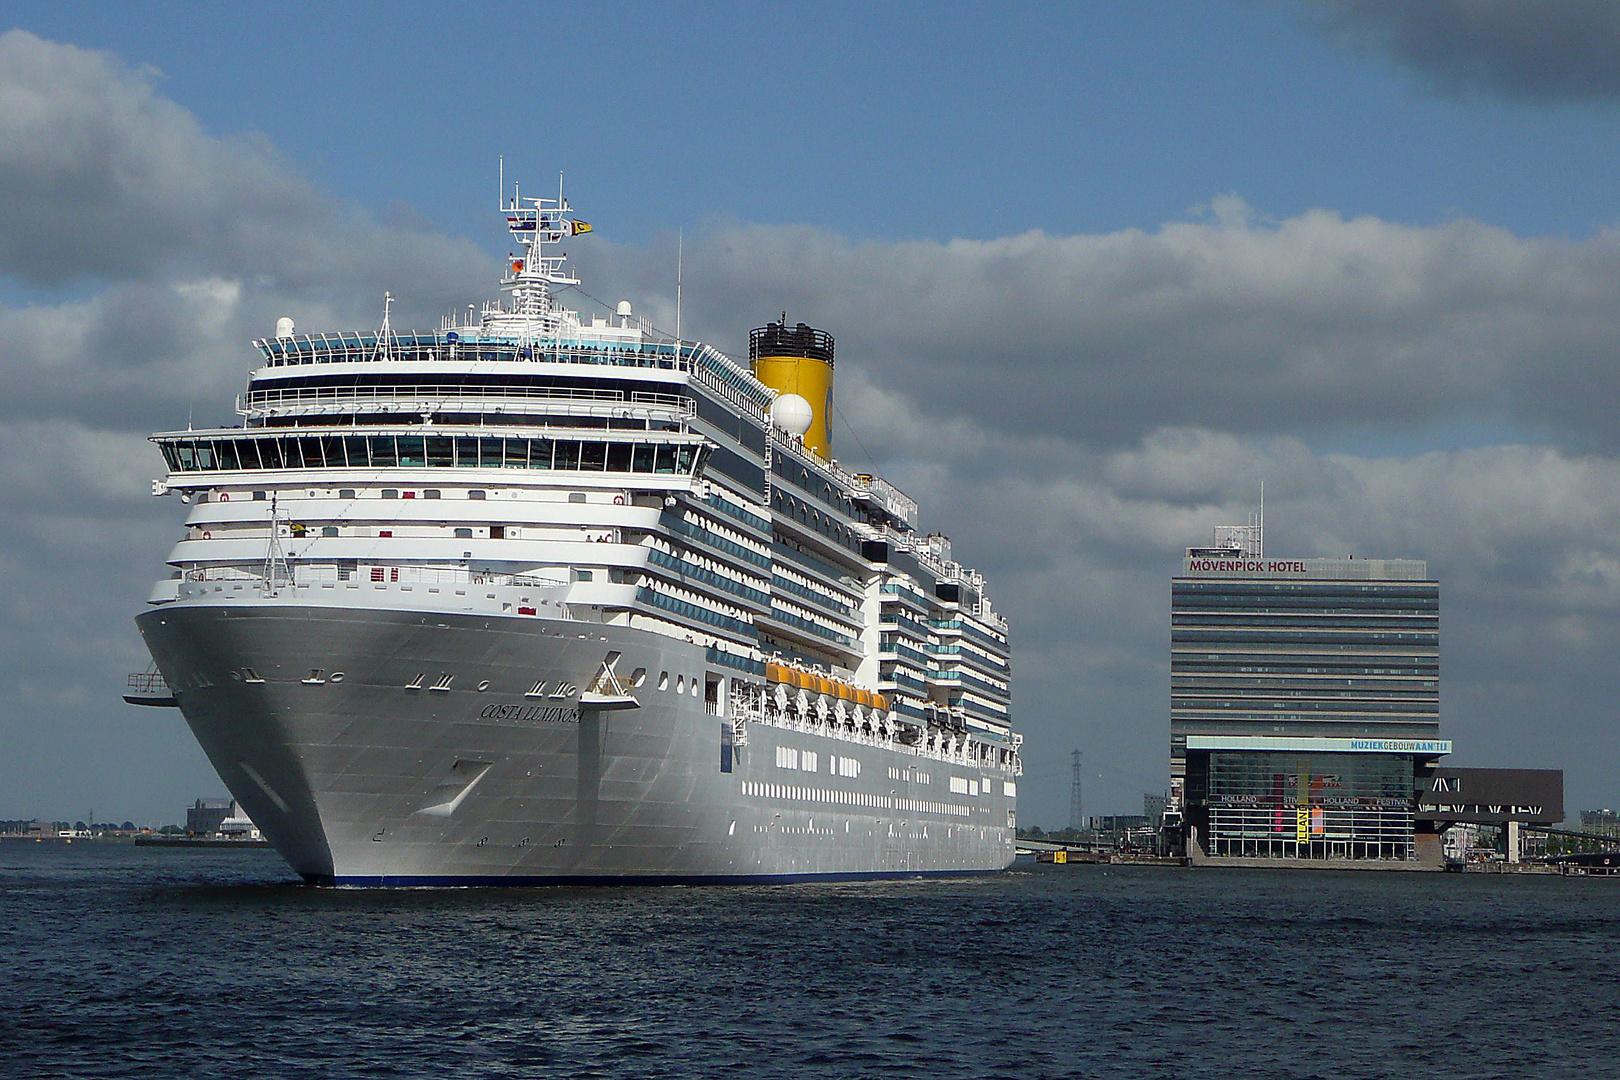 Begegnungen in Amsterdam: Die Costa Luminosa verläßt den Hafen